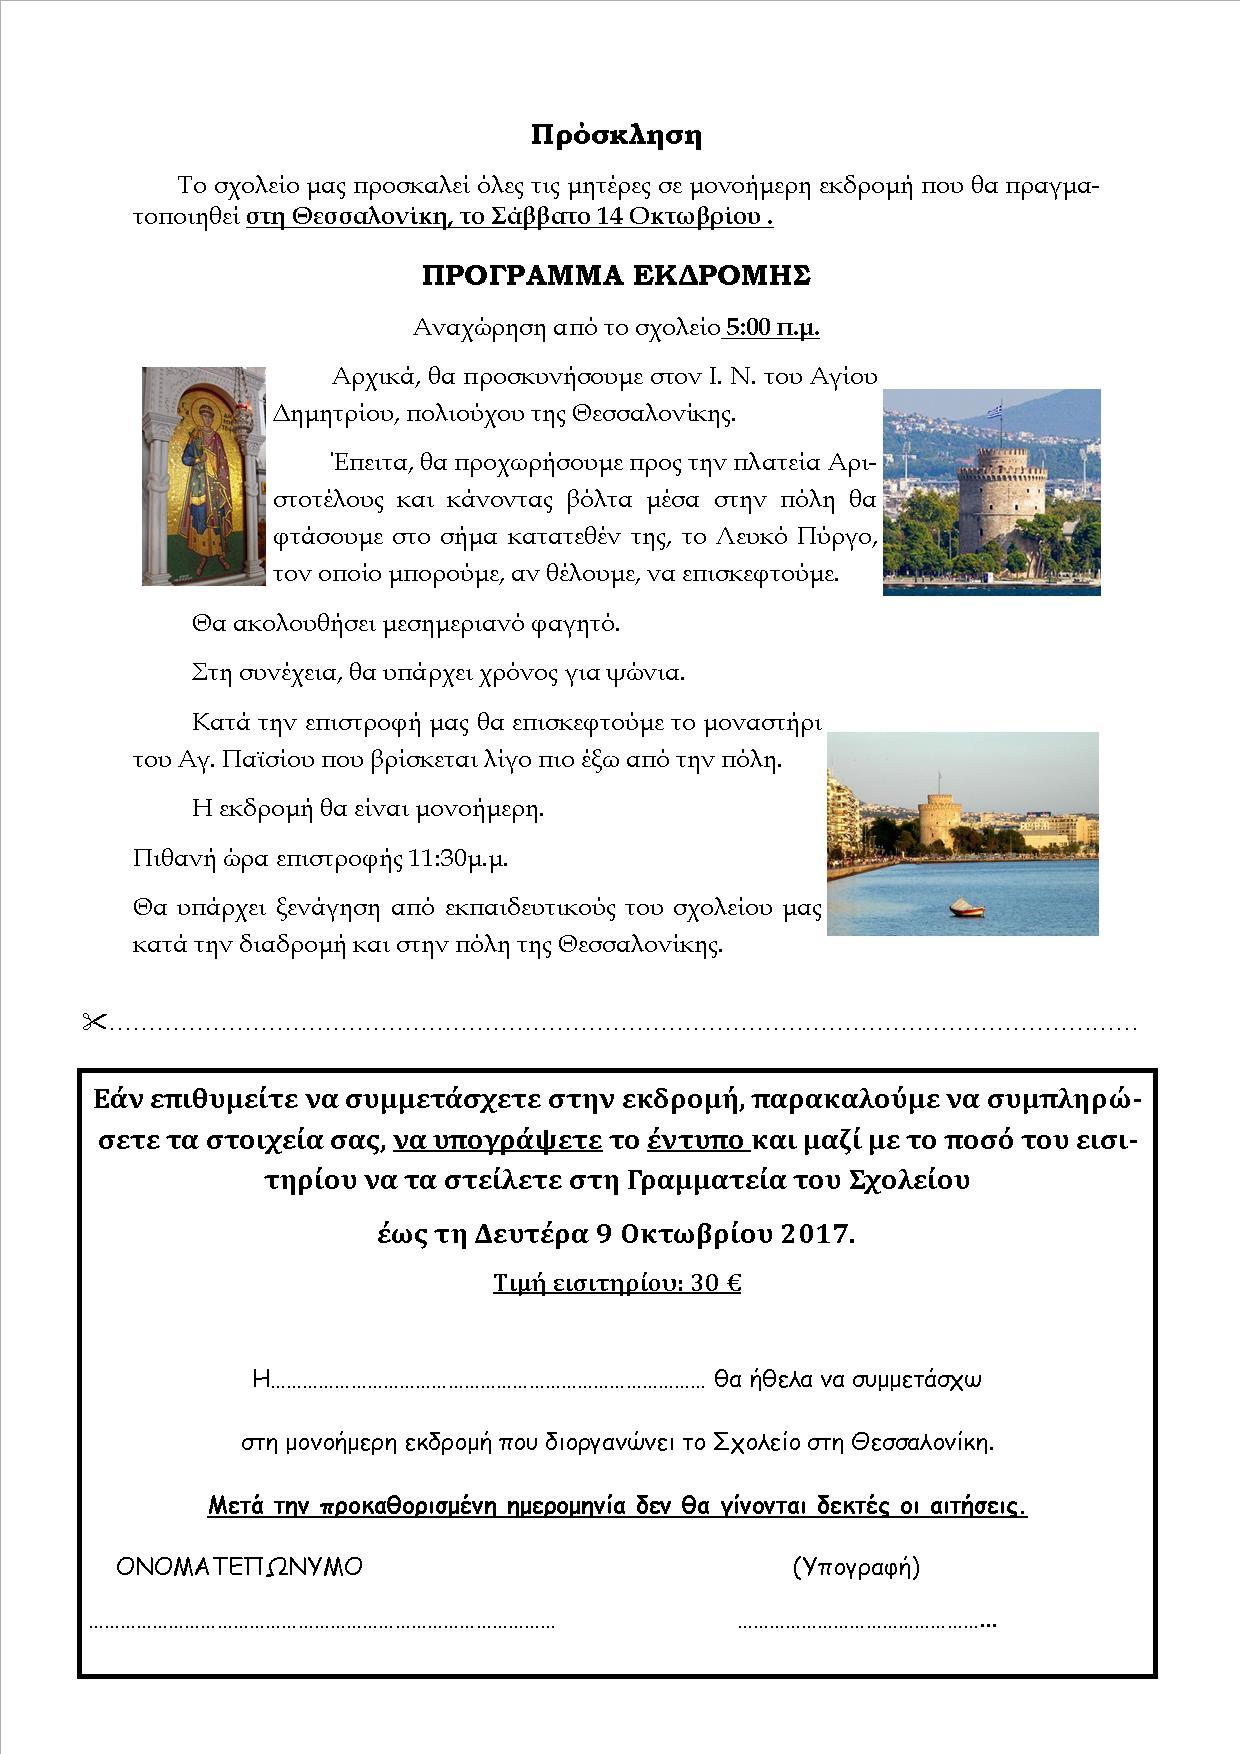 Εκδρομή μητέρων στη Θεσσαλονίκη (Ανακοίνωση)